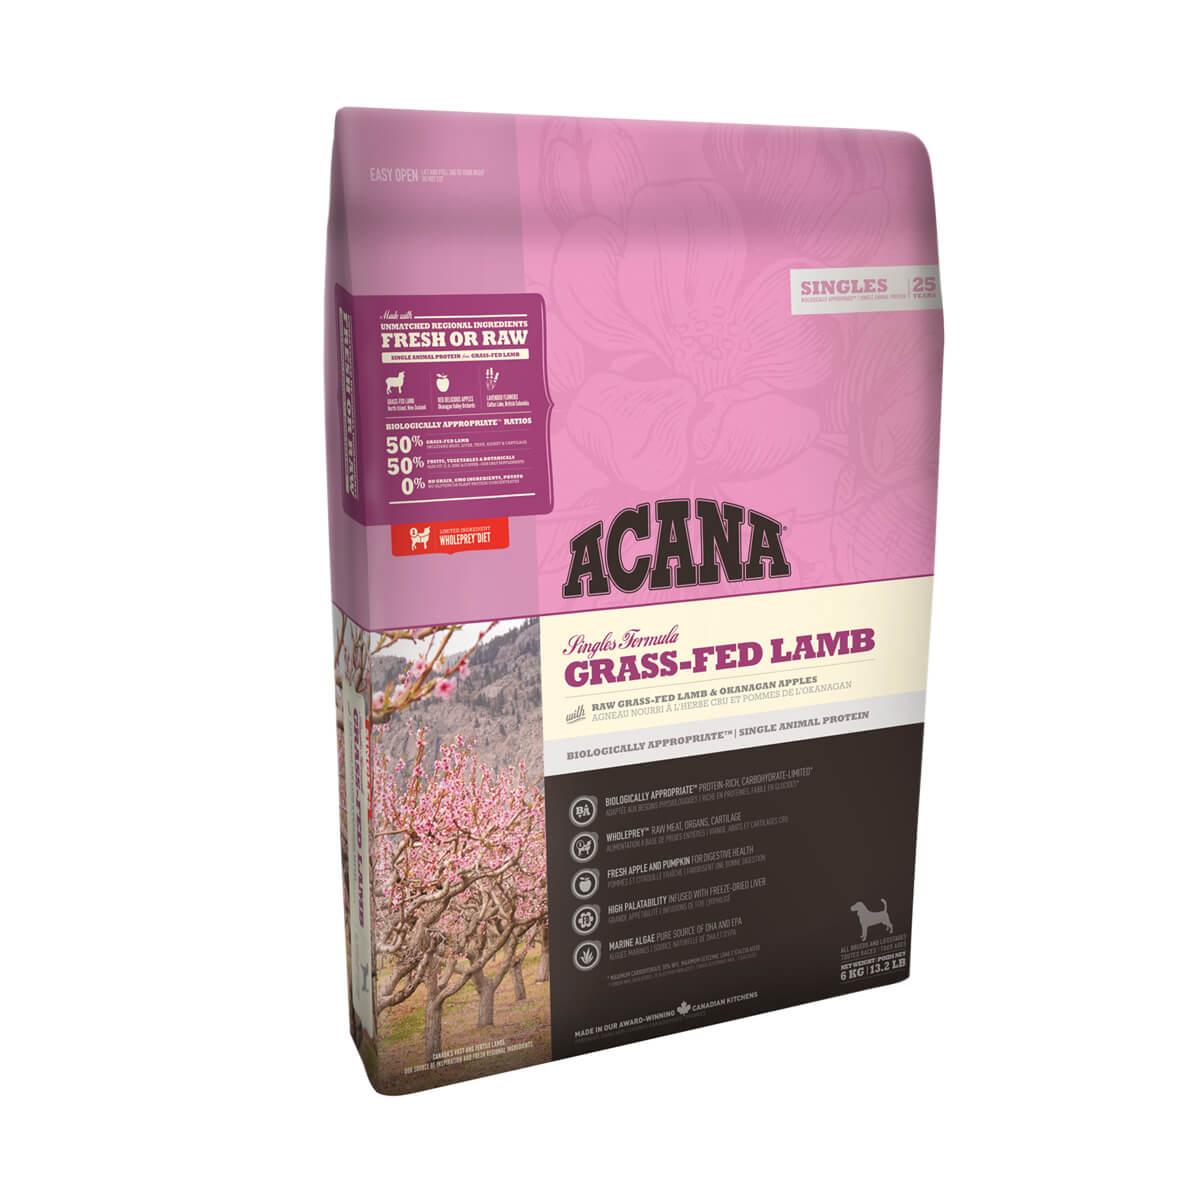 Acana Grass-Fed Lamb - 11.4 kg